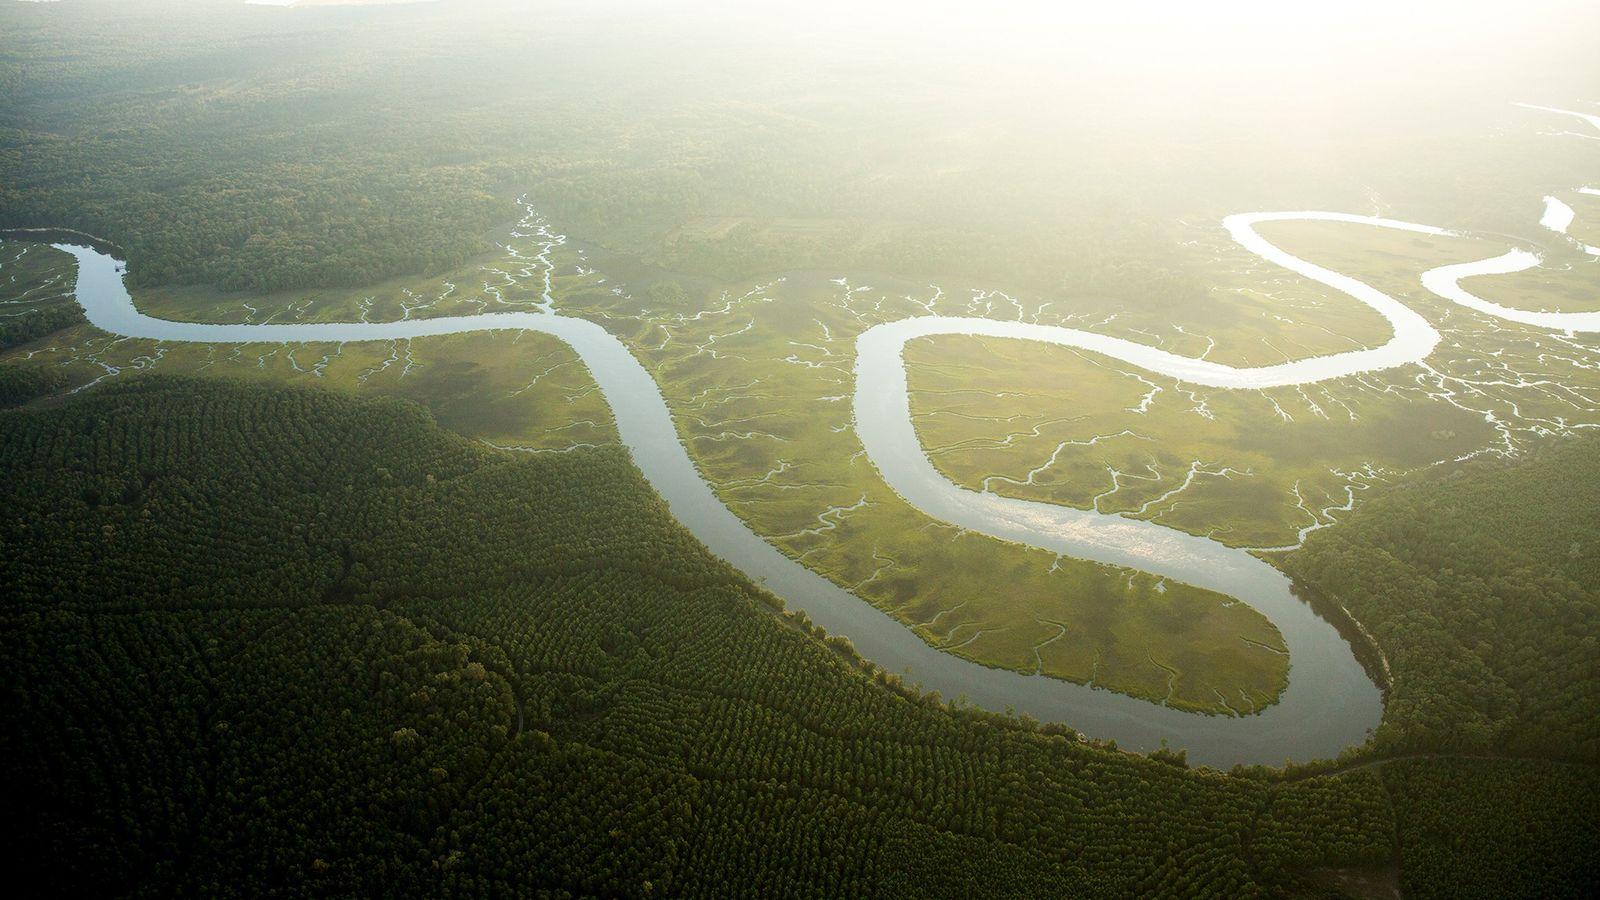 Les effets combinés de l'augmentation des niveaux de CO2 et des températures amplifieront la consommation d'eau ...